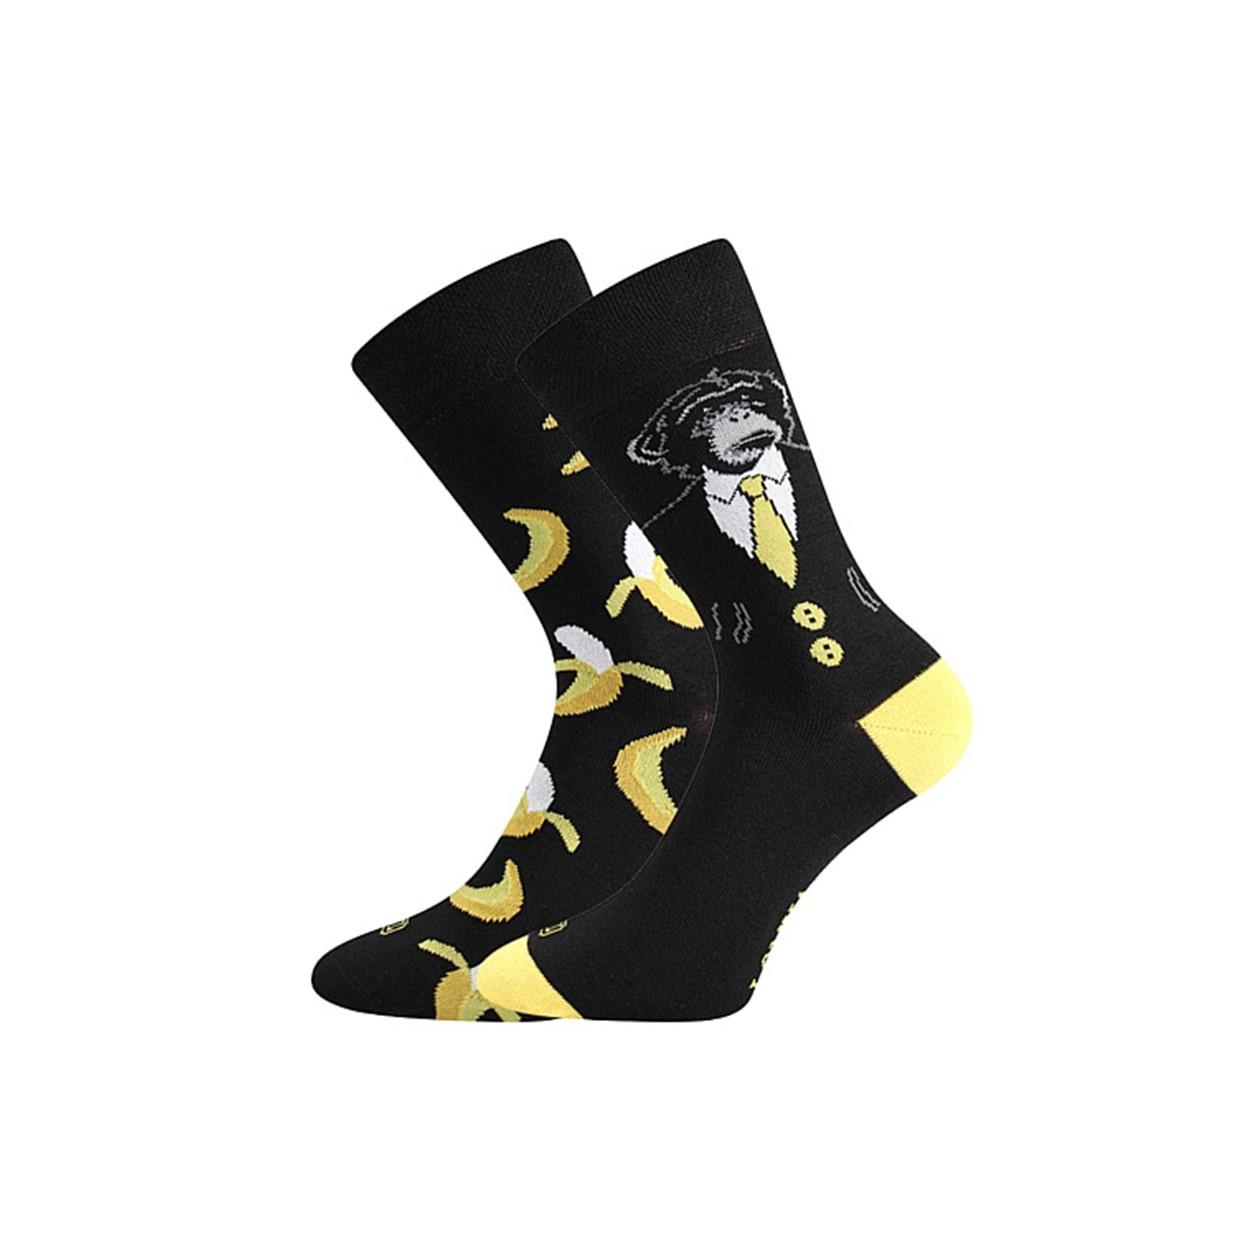 Černé pánské ponožky OPICE S BANÁNY